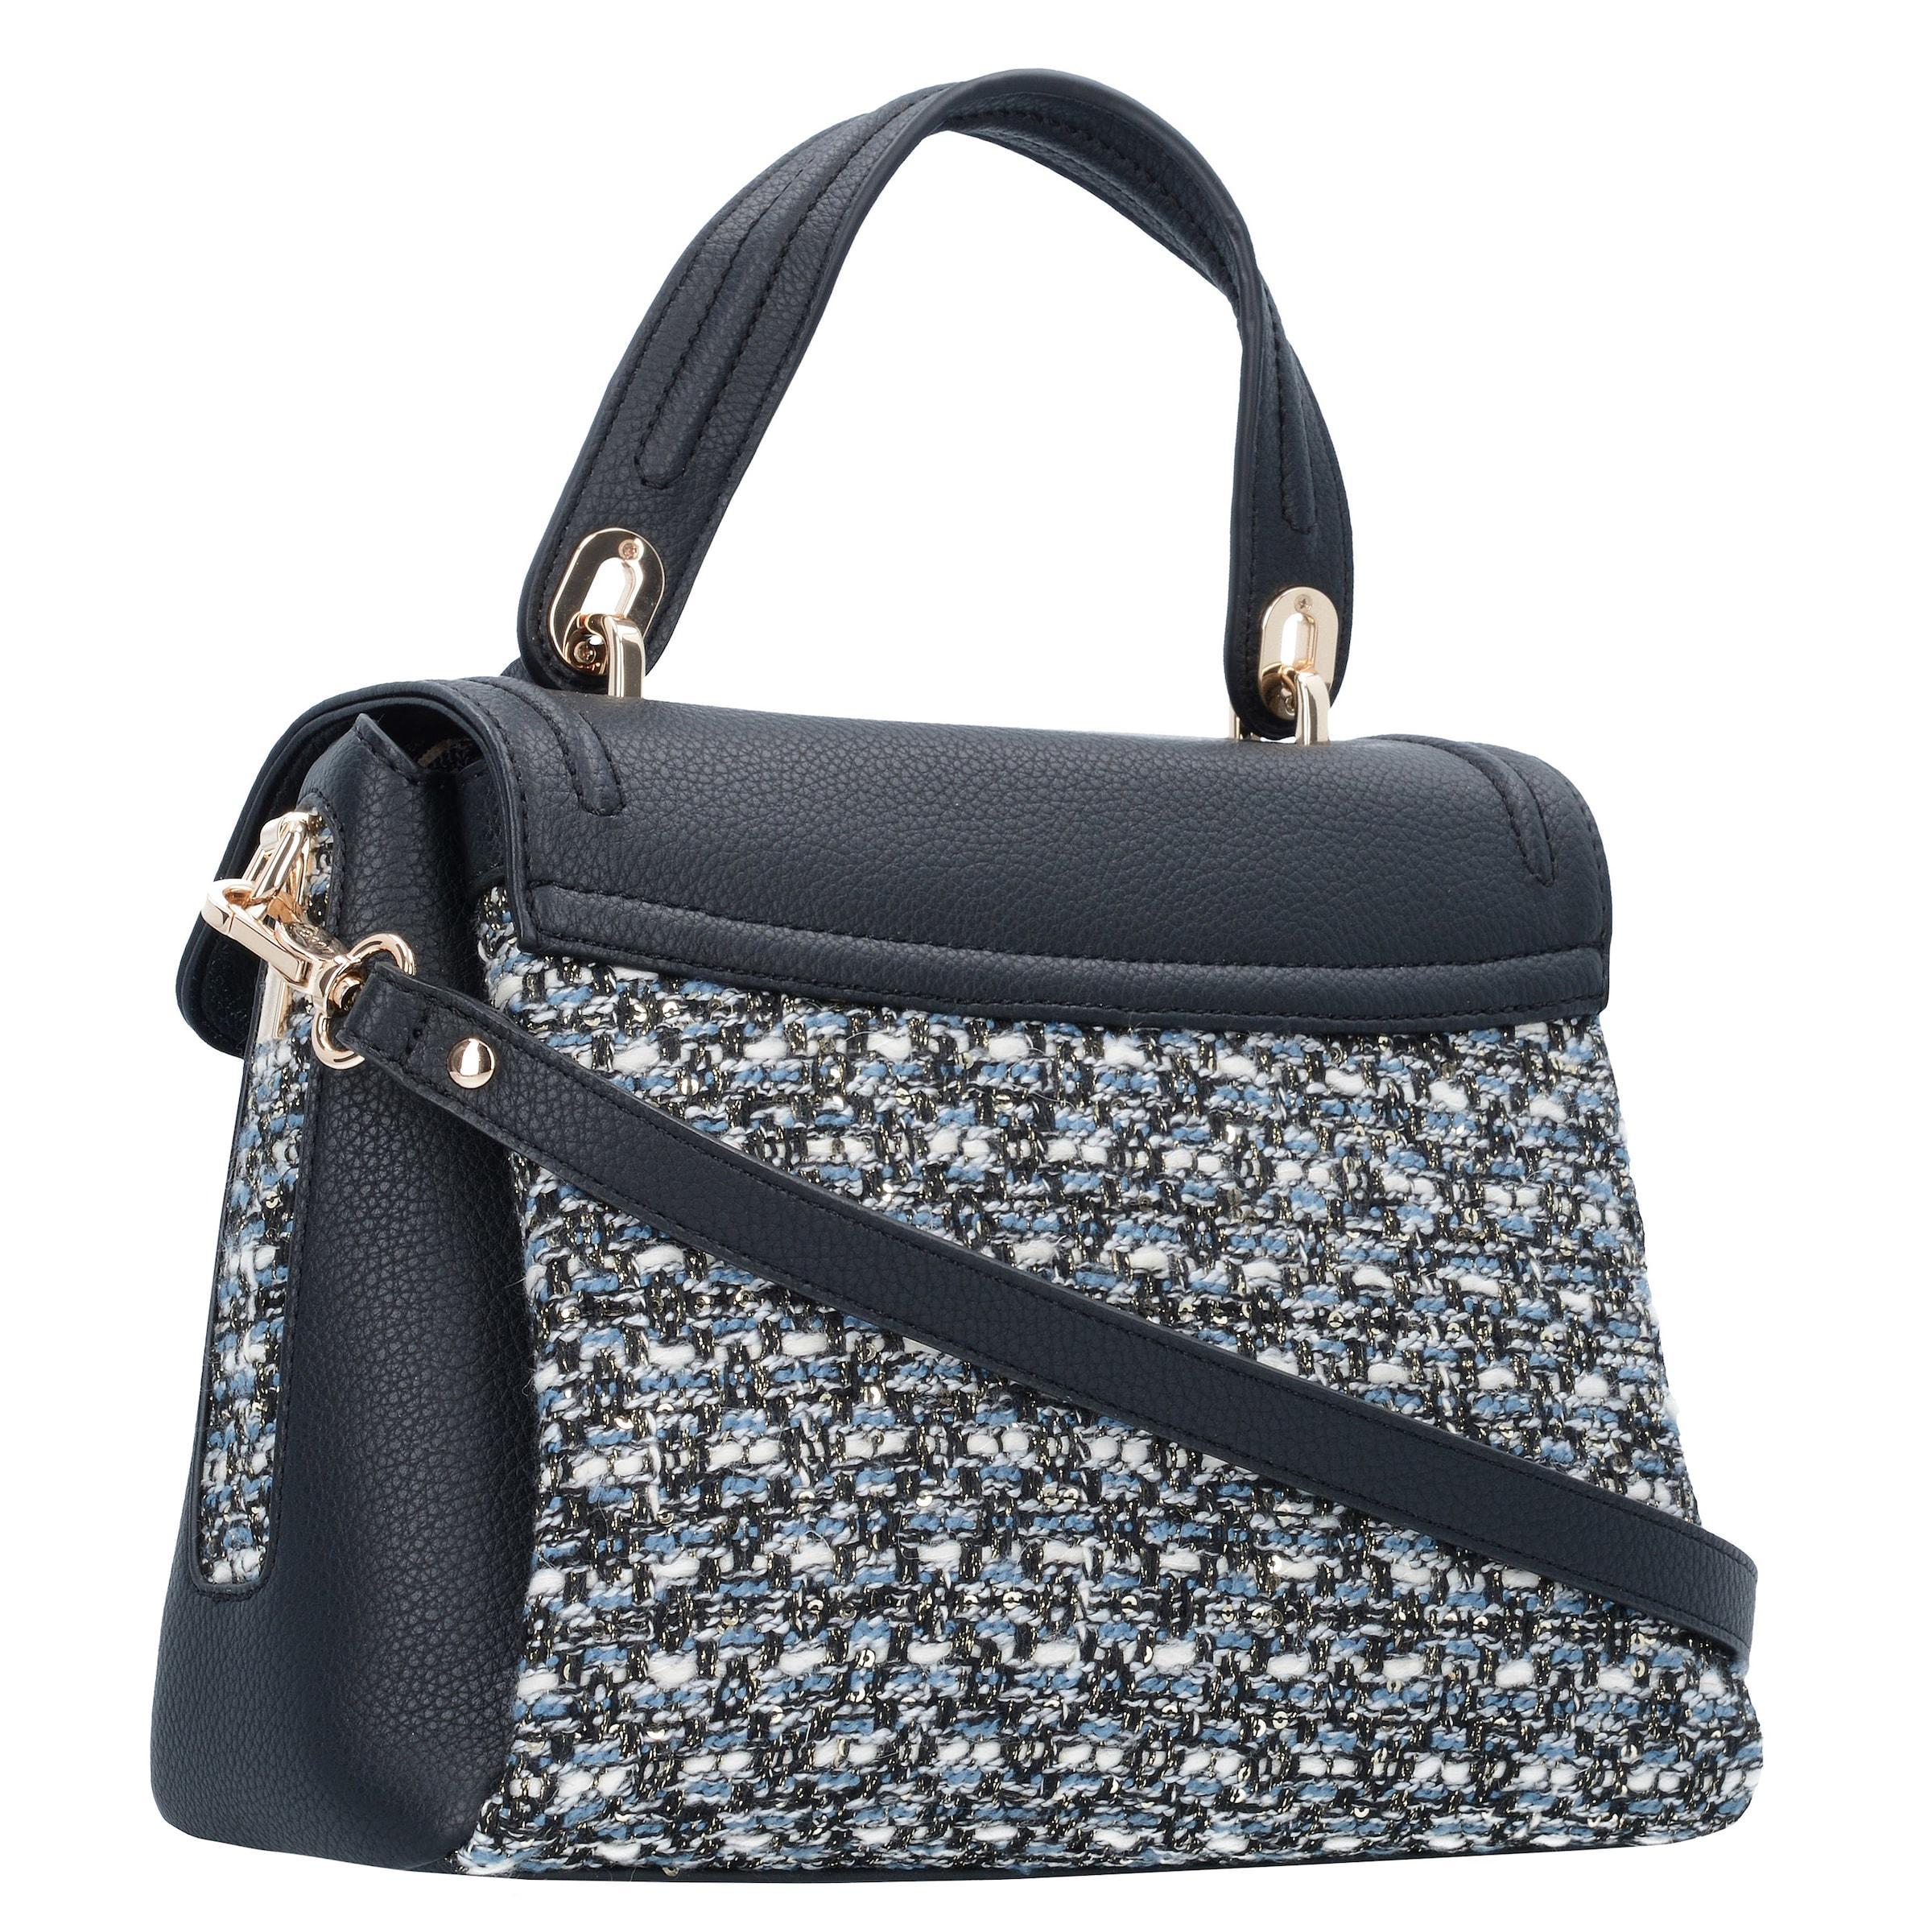 Liu Jo 'Long Island' Handtasche 25 cm Billig Aus Deutschland Billig Verkauf Erhalten Authentisch DLMEbUDtd